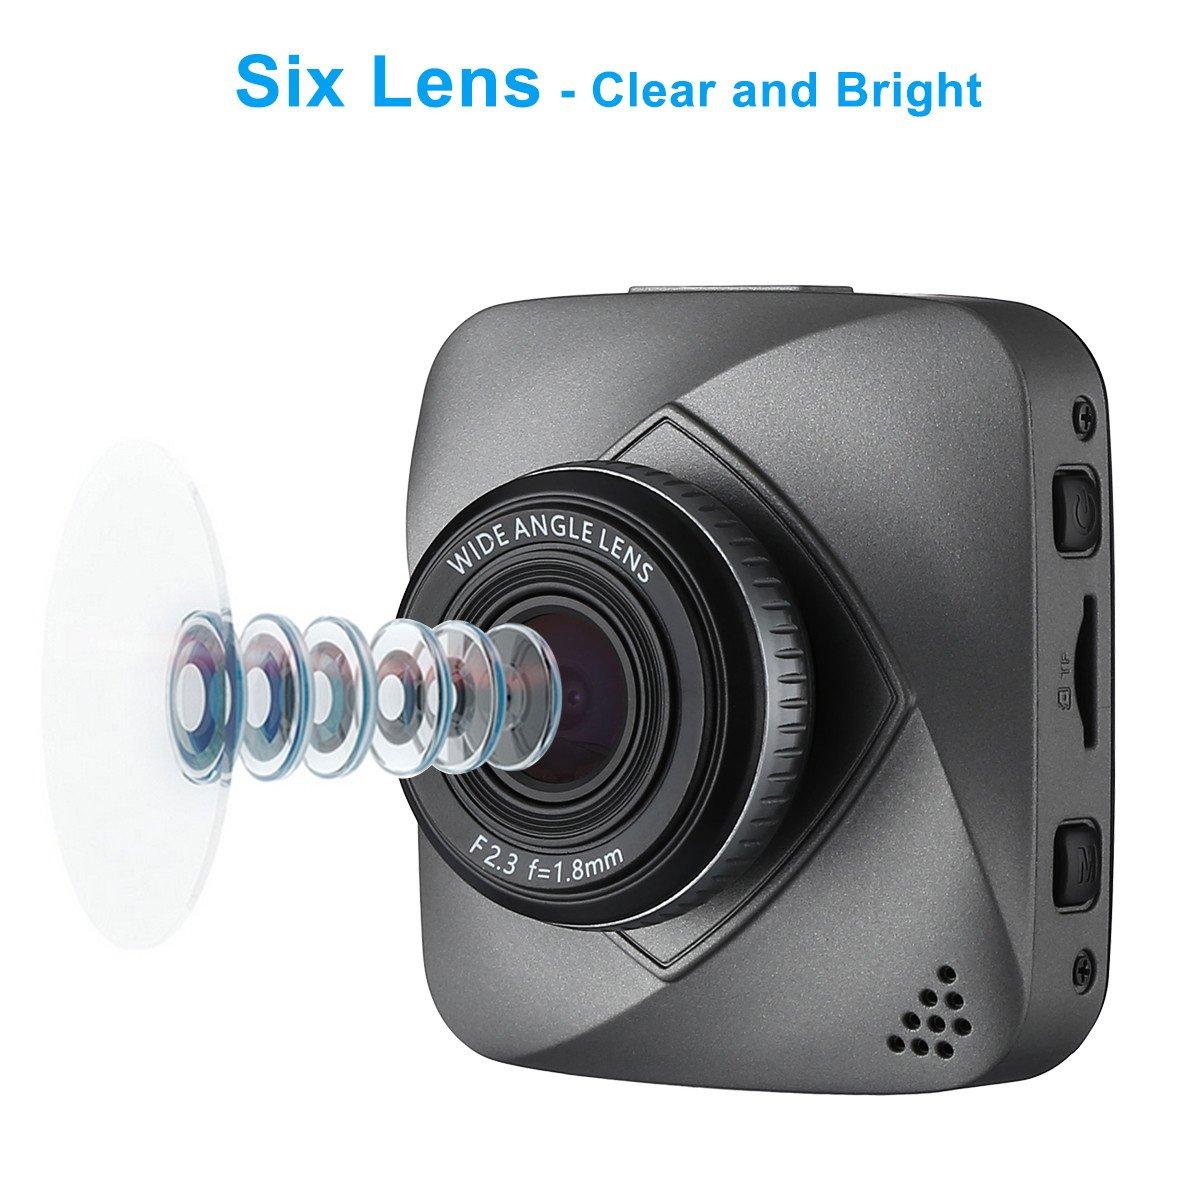 isYoung Petite caméra embarquée de voiture HD de 720 pixels, DashCam DVR avec enregistreur de vidéo en boucle, angle de prise de vue de 120 degrés